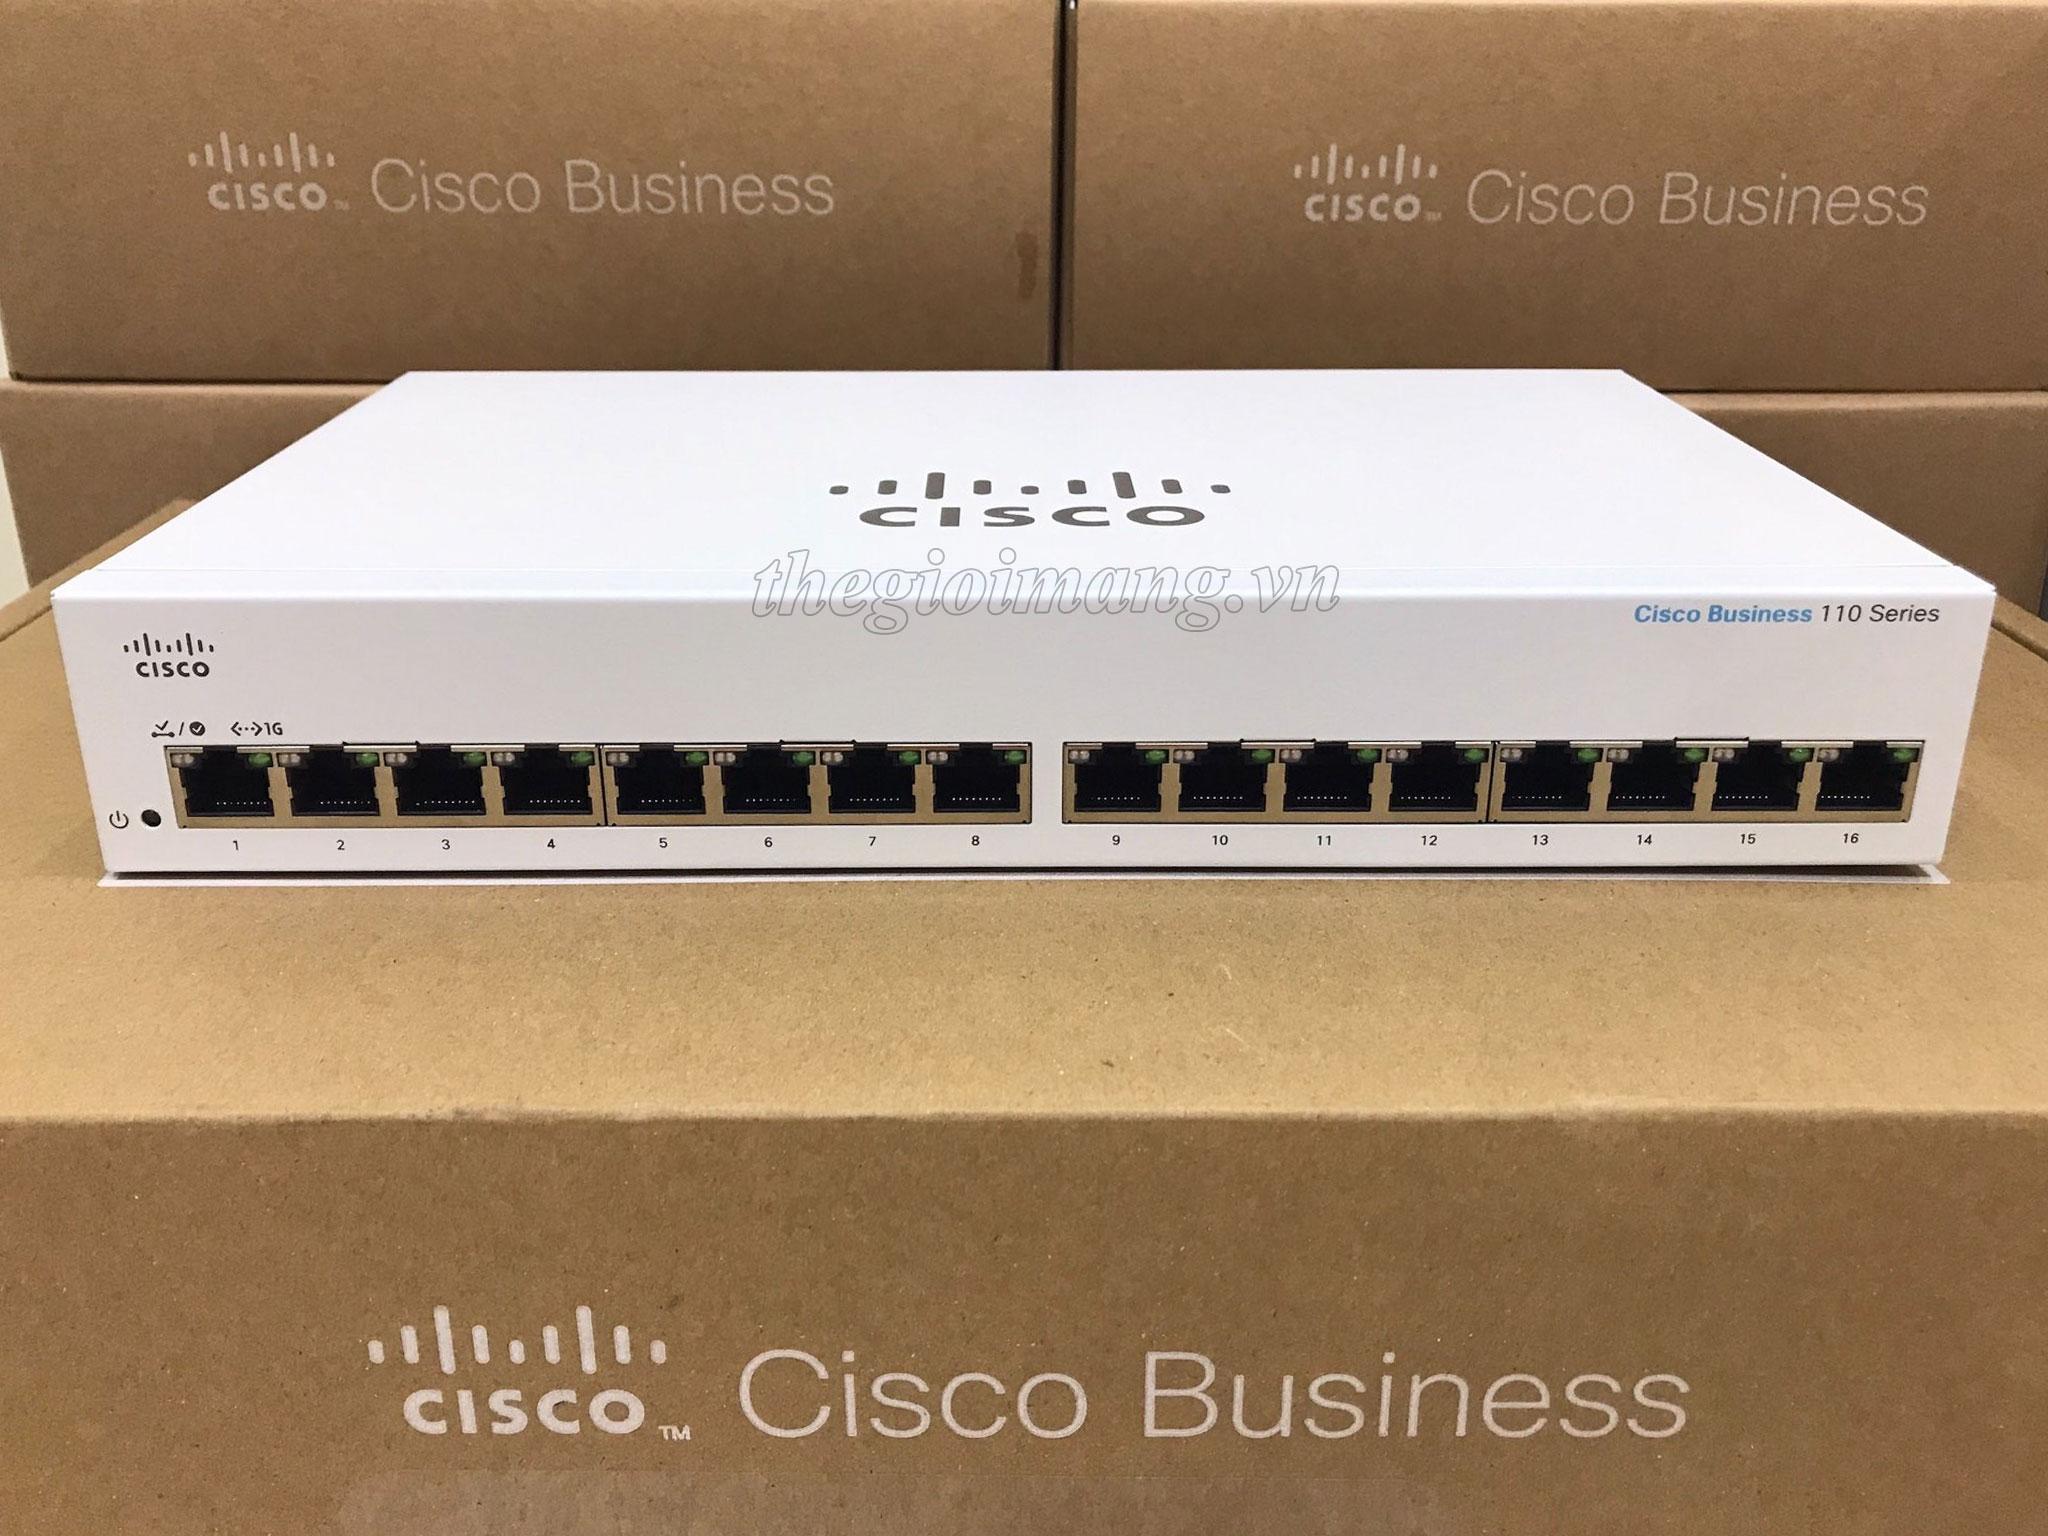 Cisco CBS110-16T-EU